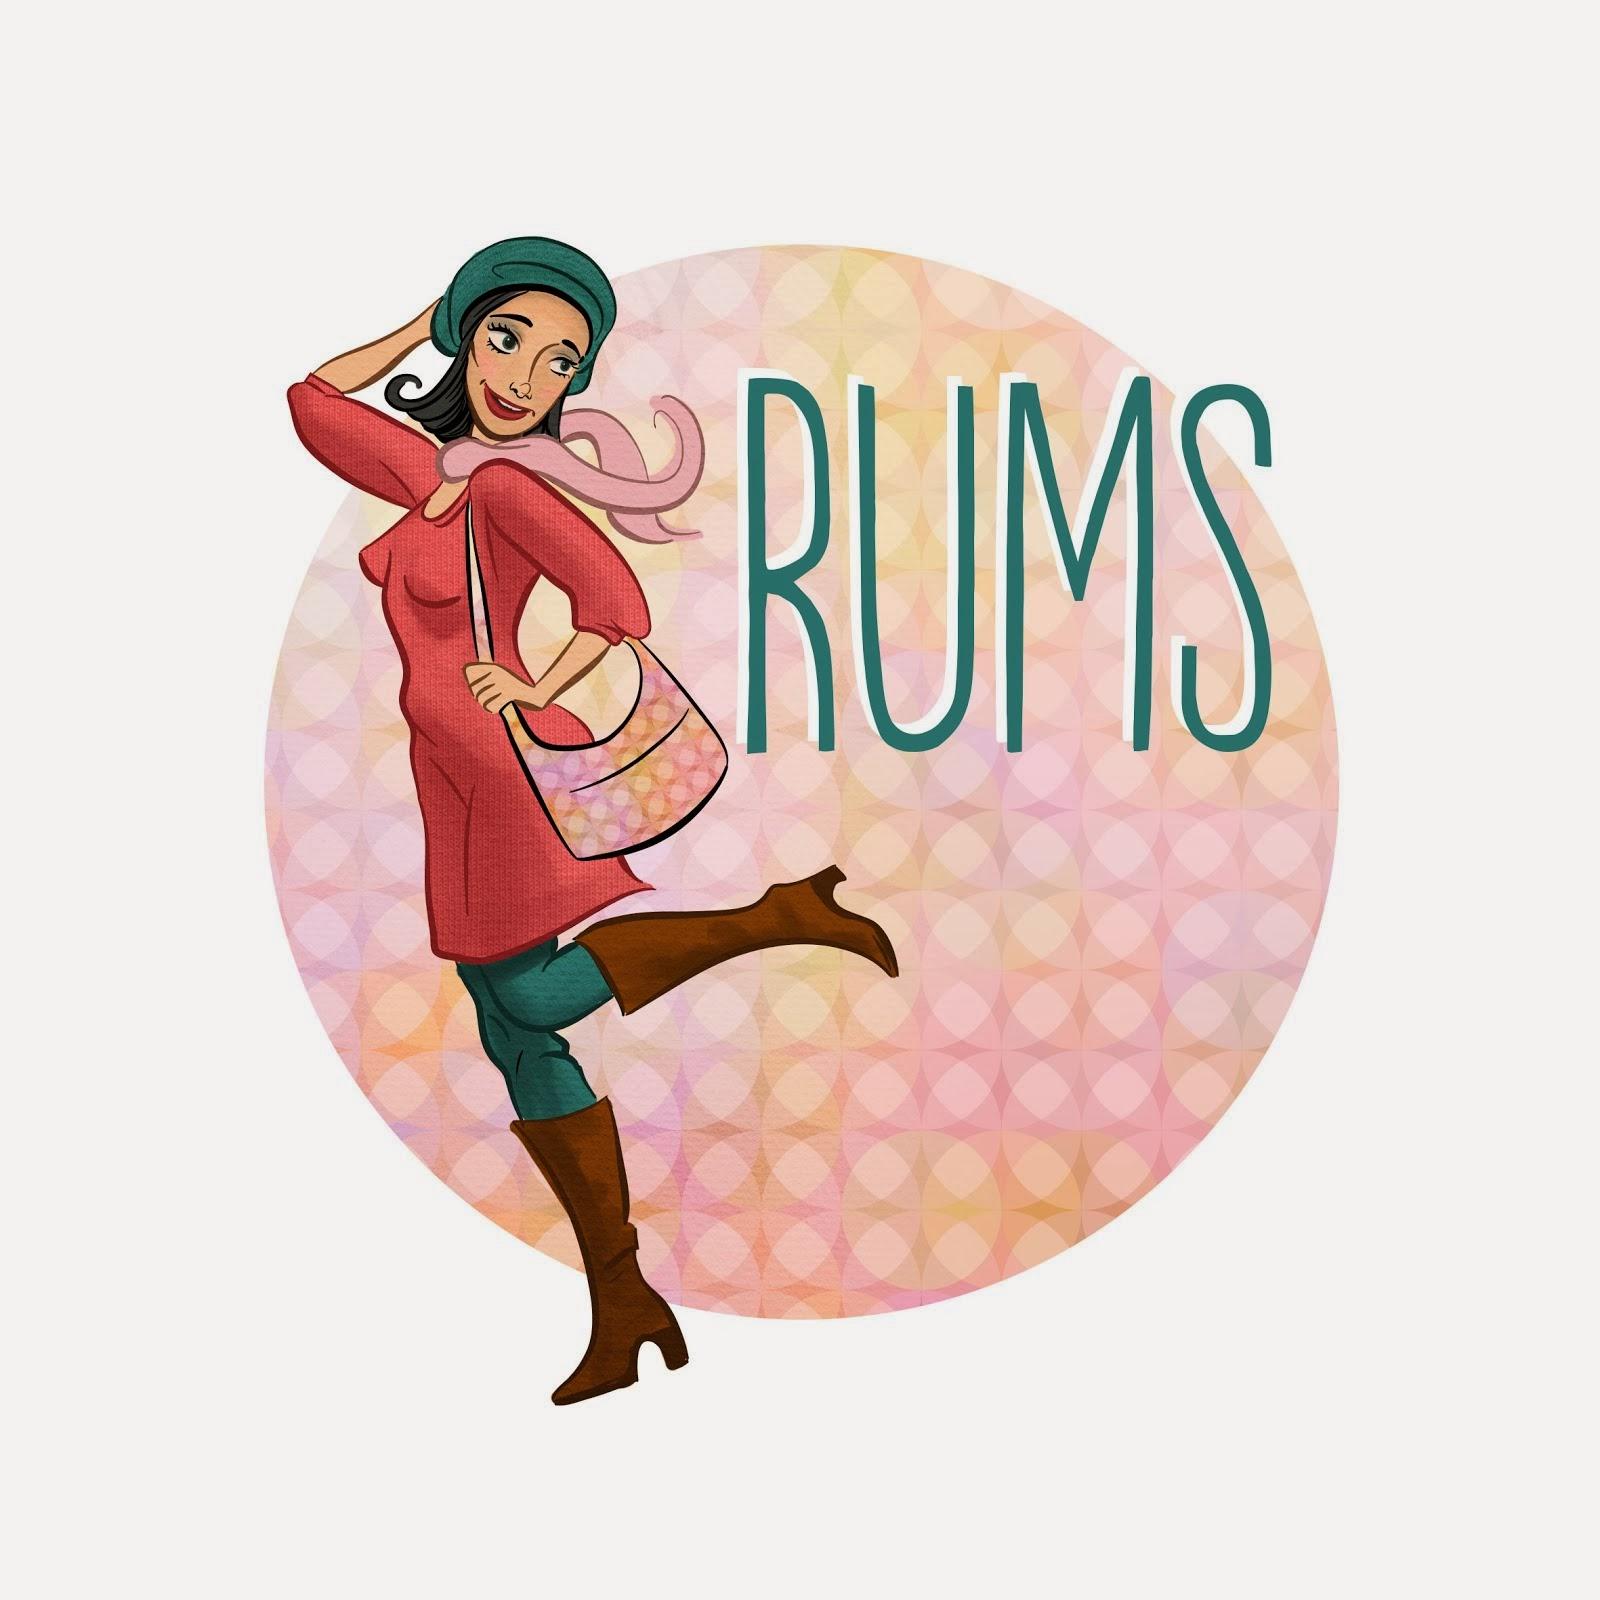 http://rundumsweib.blogspot.ch/